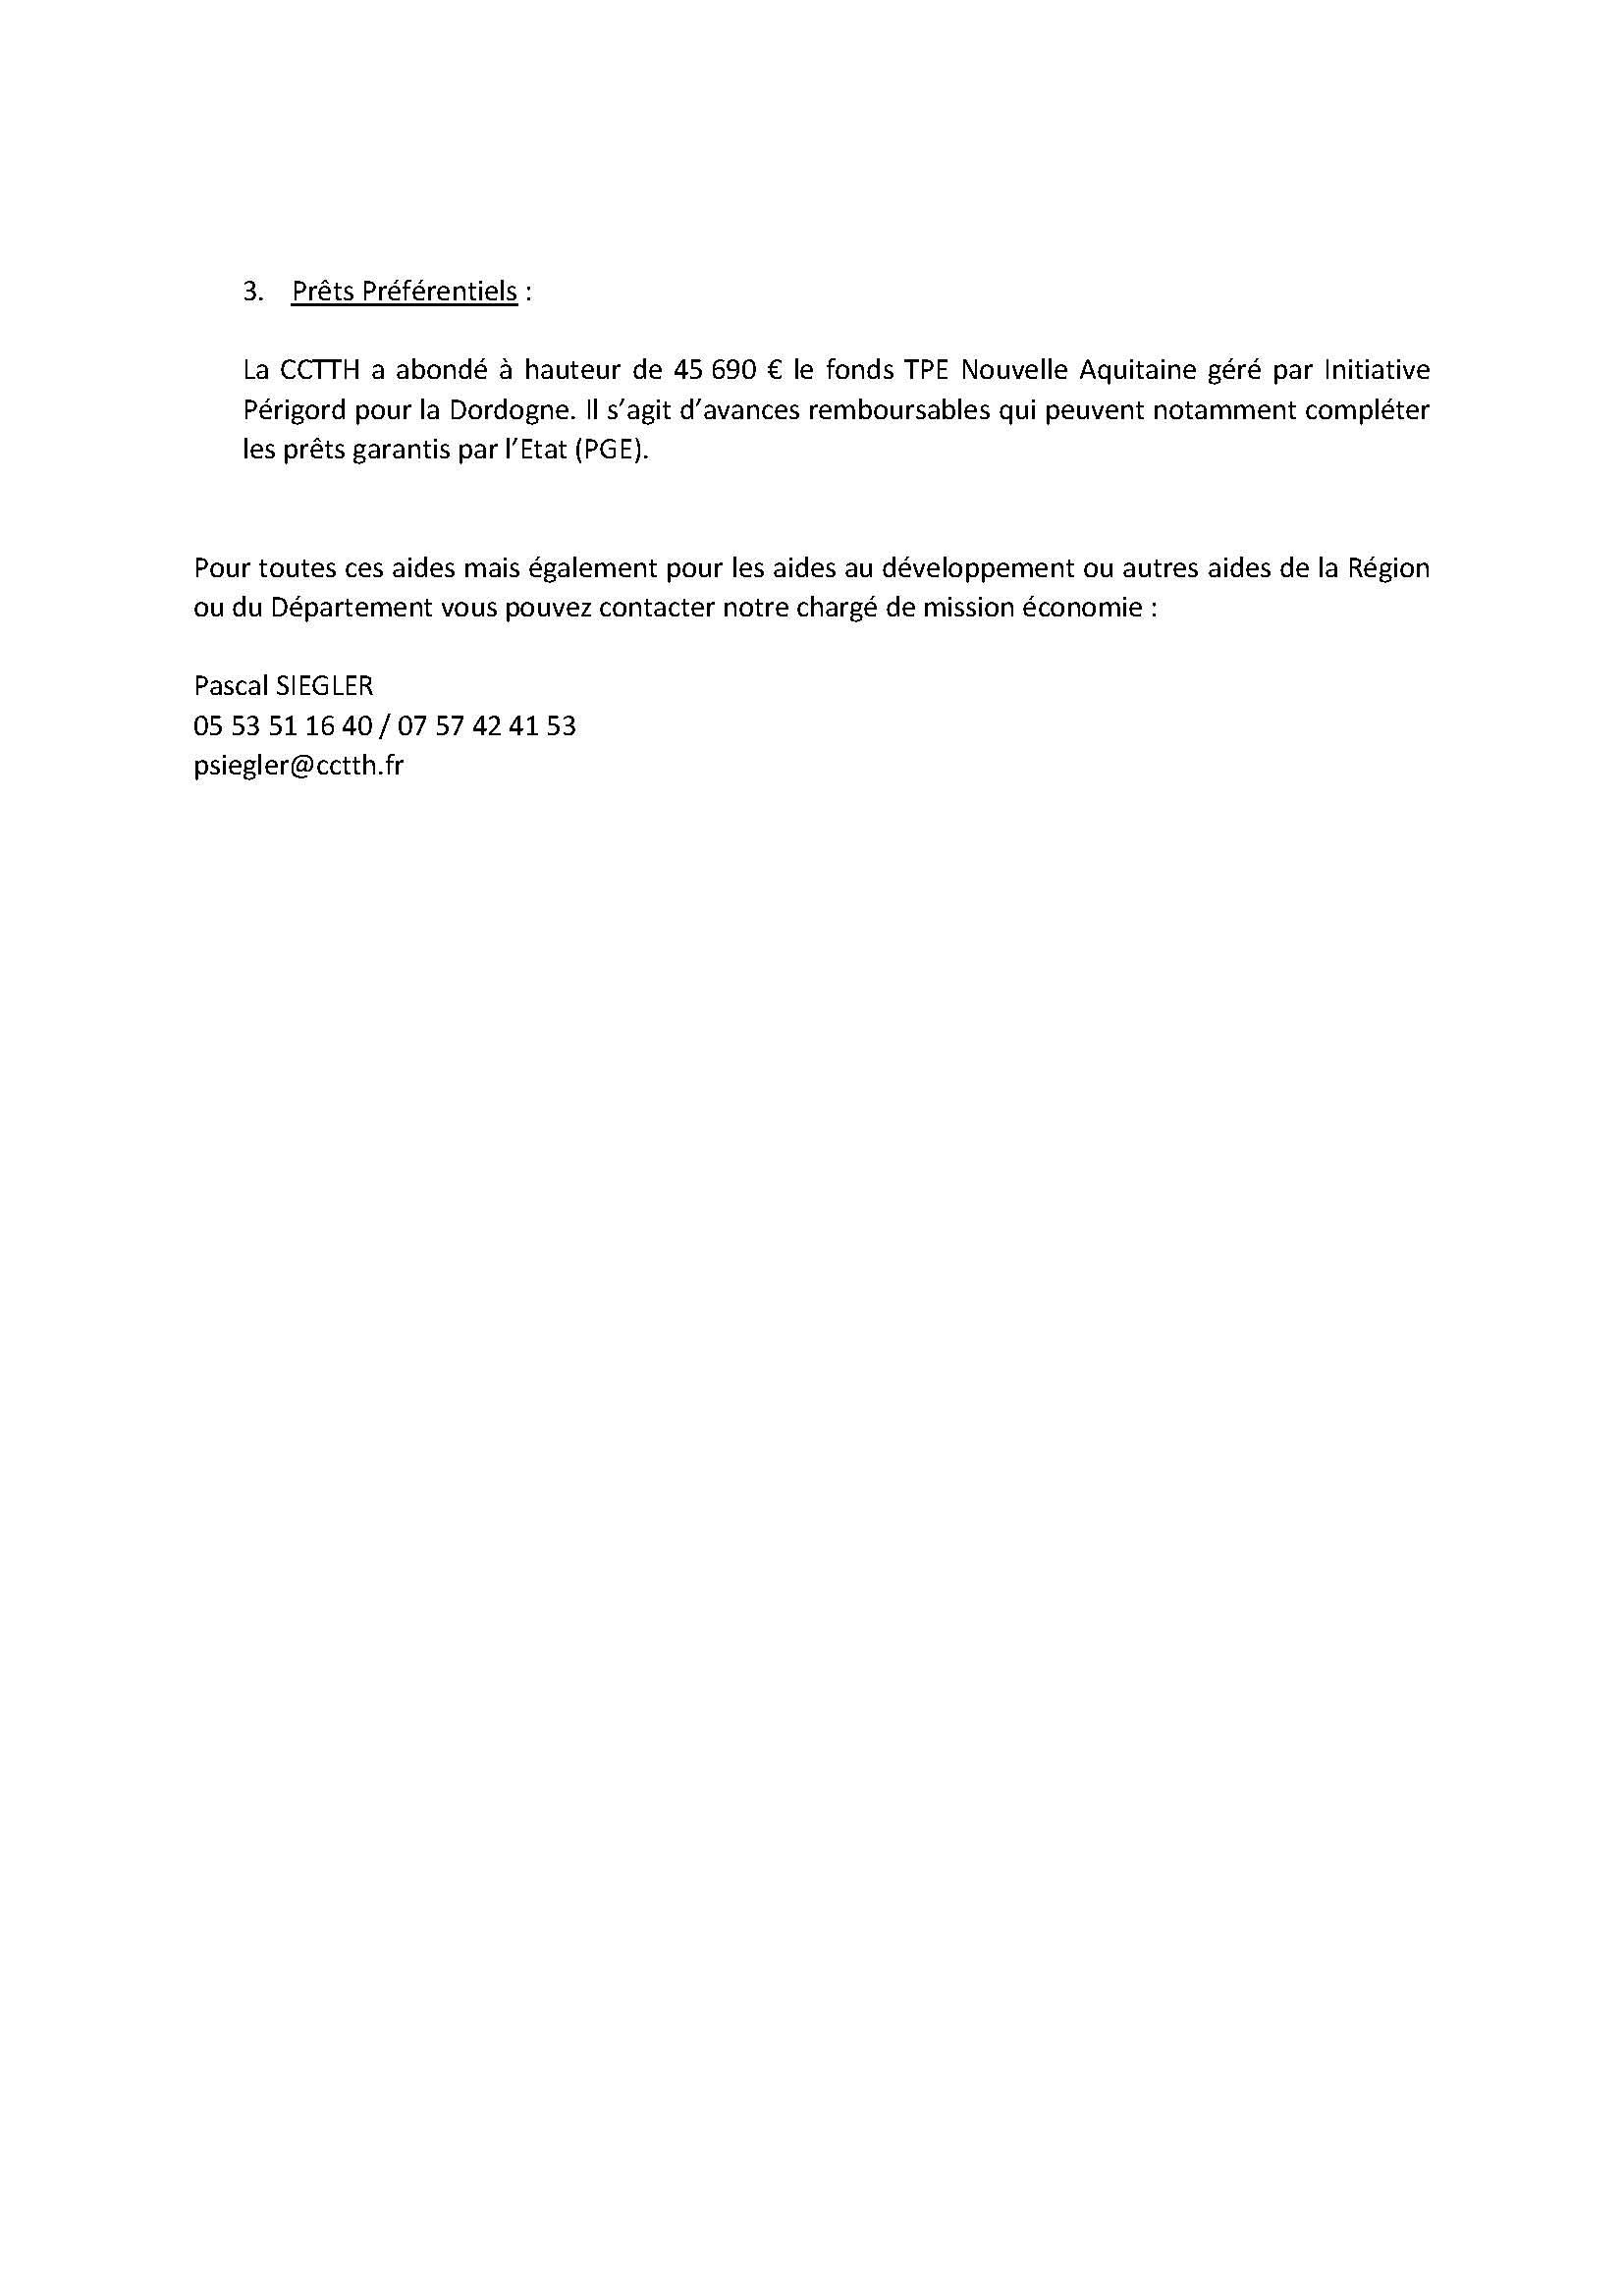 Communiqué de presse Aides COVID 19_Page_2.jpg